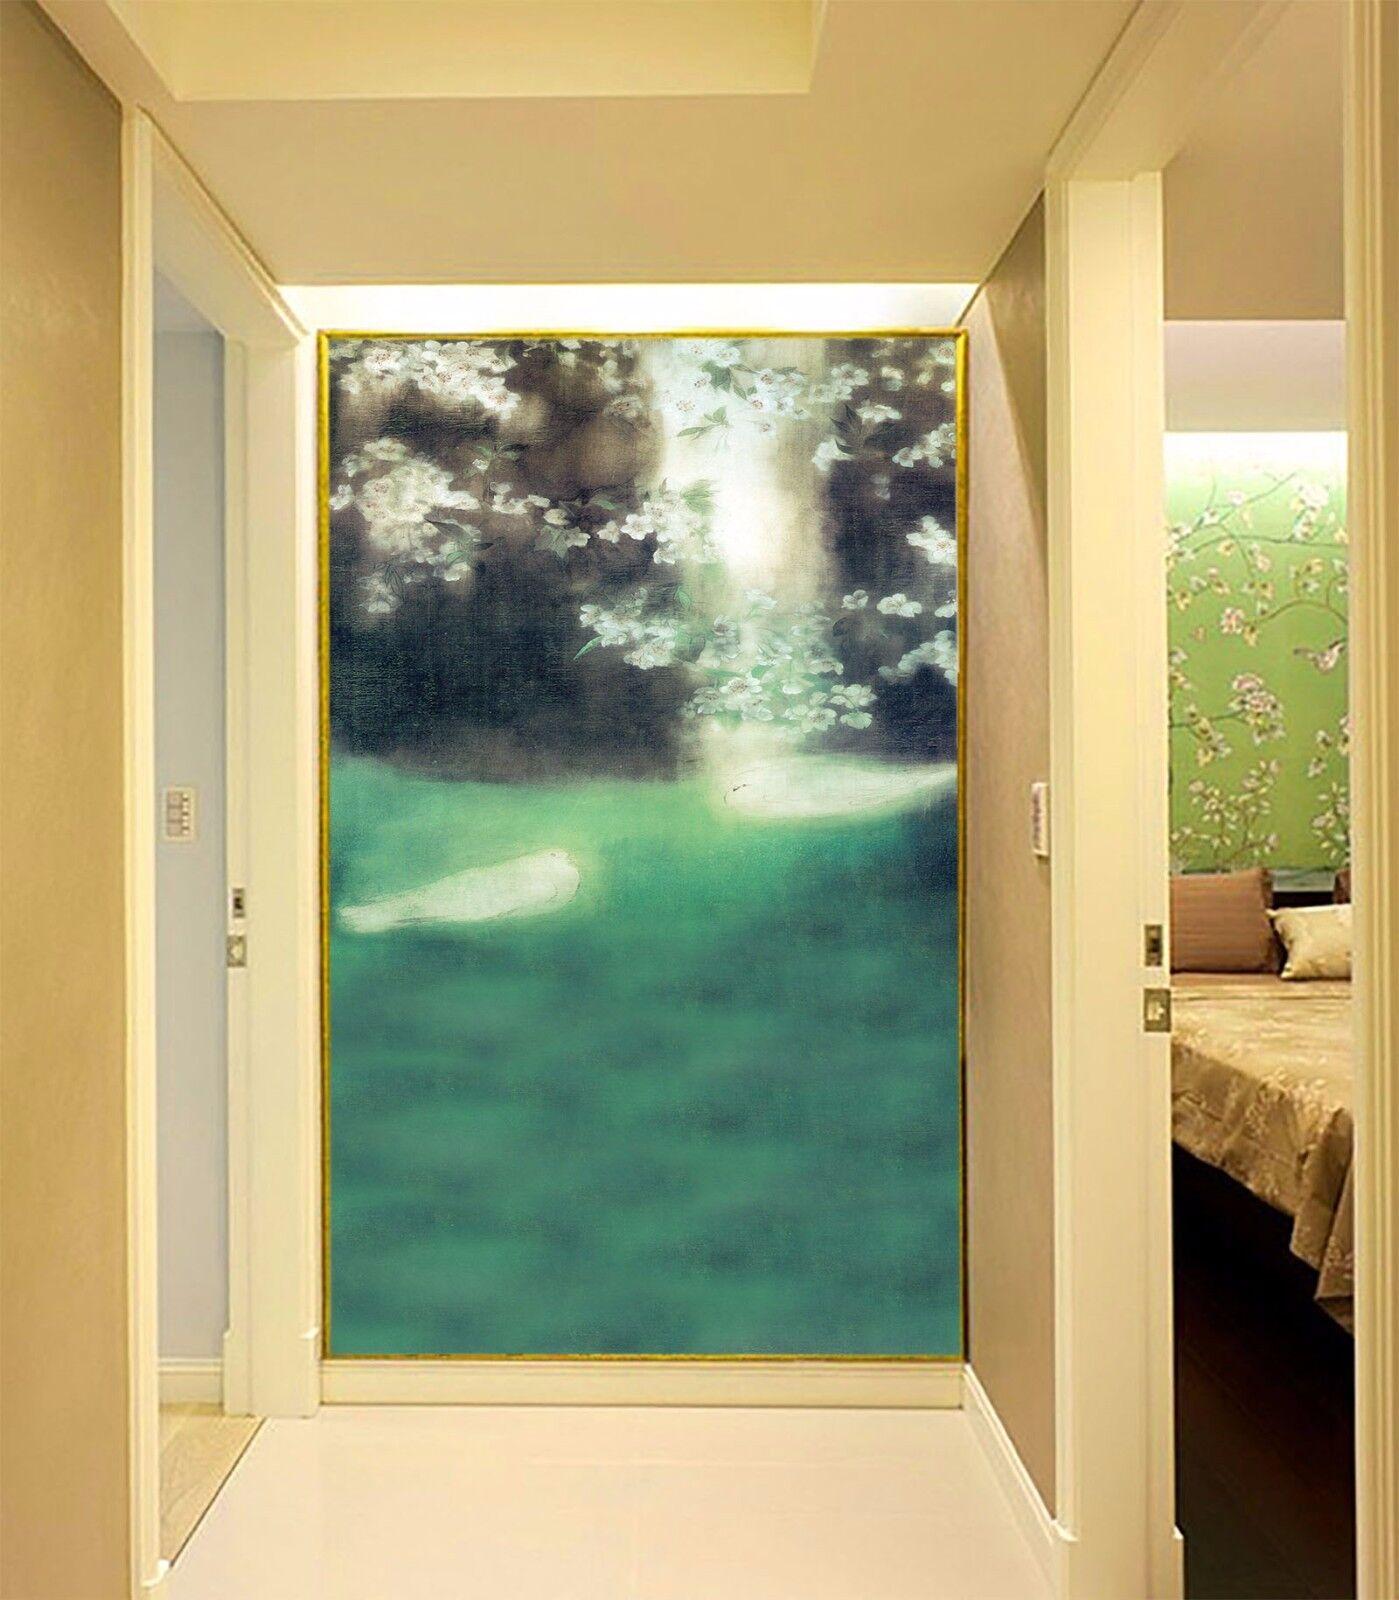 3D Nebligen Garten 805 805 805 Tapete Wandgemälde Tapete Tapeten Bild Familie DE Summer | Mode-Muster  |  7979e6